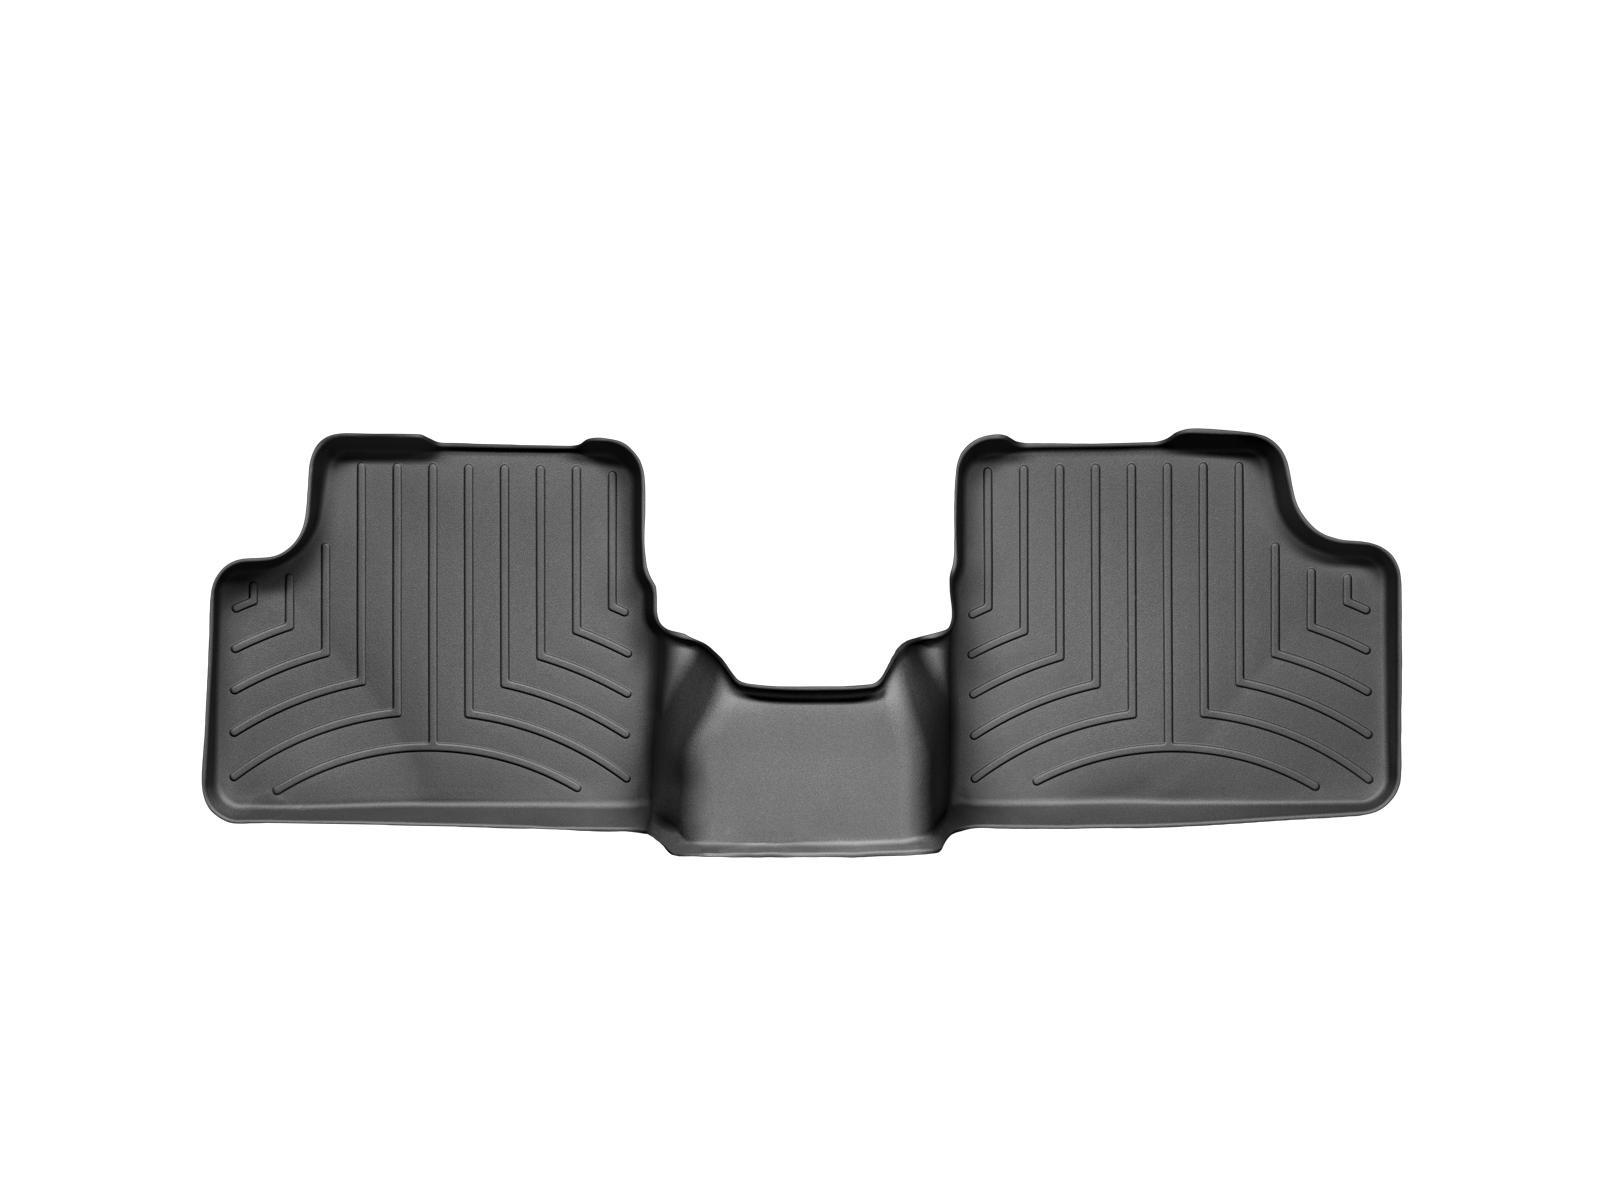 Tappeti gomma su misura bordo alto Opel Astra 09>09 Nero A2964